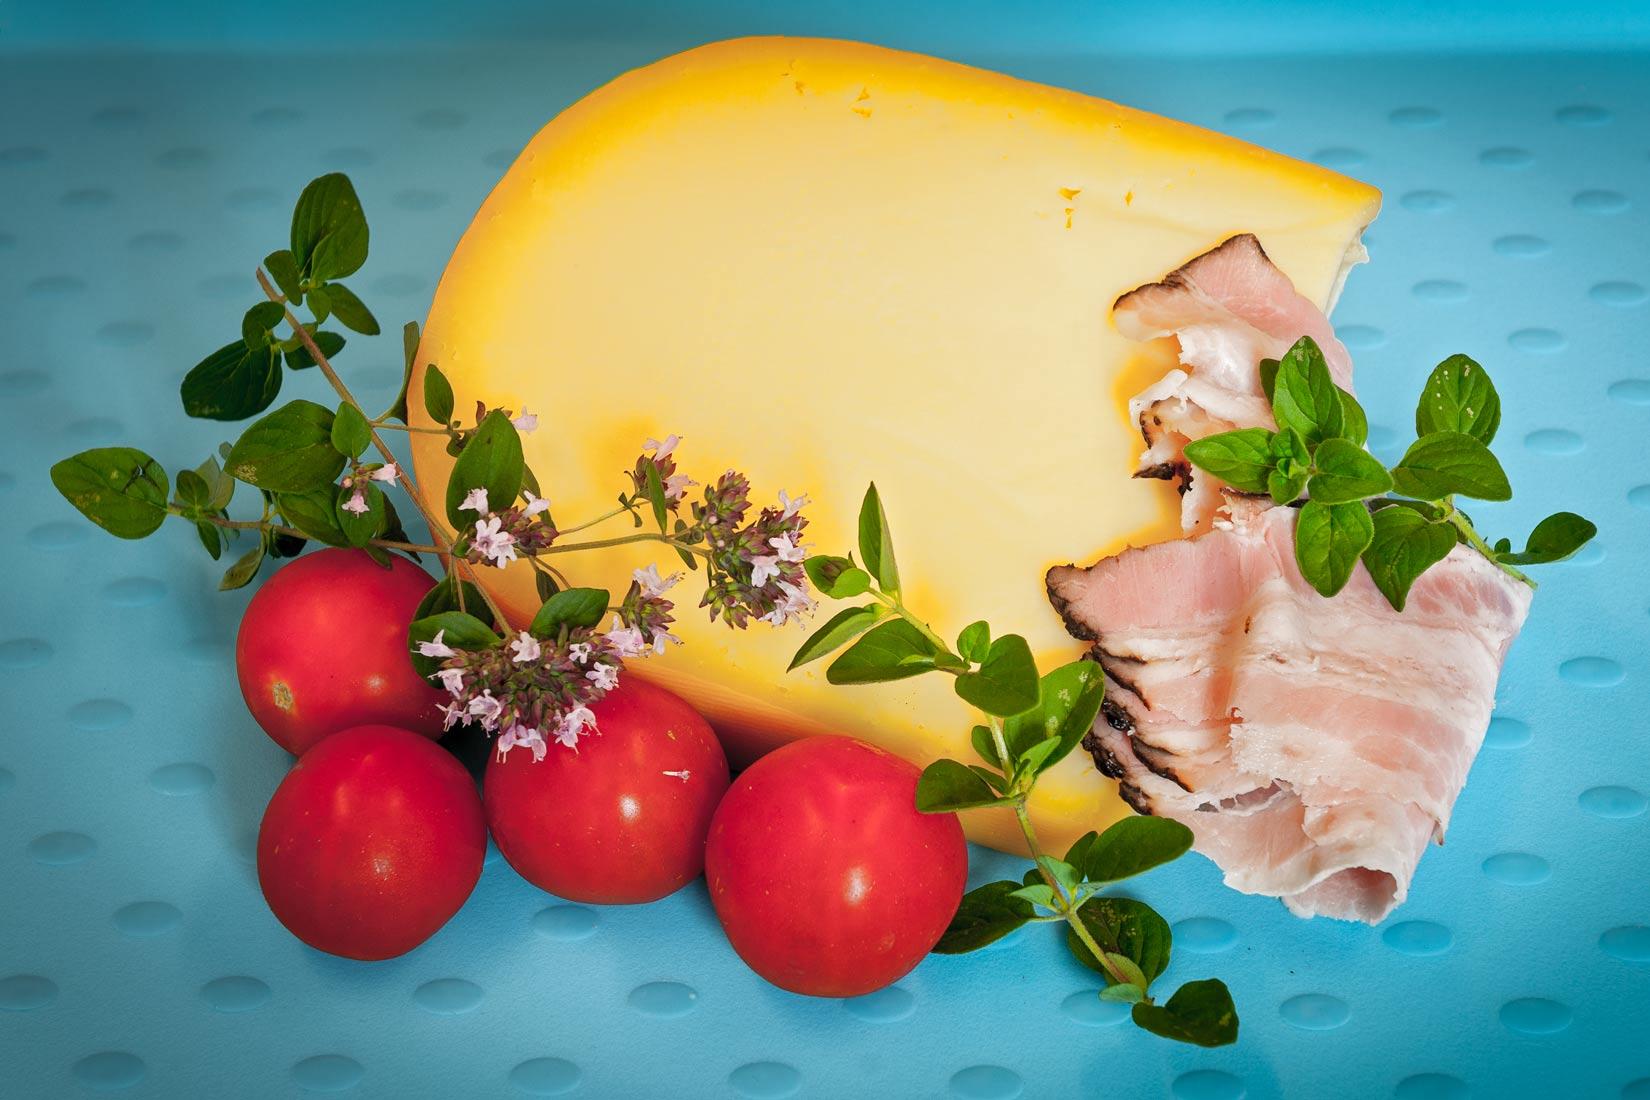 Kvalitní aromatický sýr na strouhání, slanina, bylinky a rozličná náplň tvoří chutě peinirlí